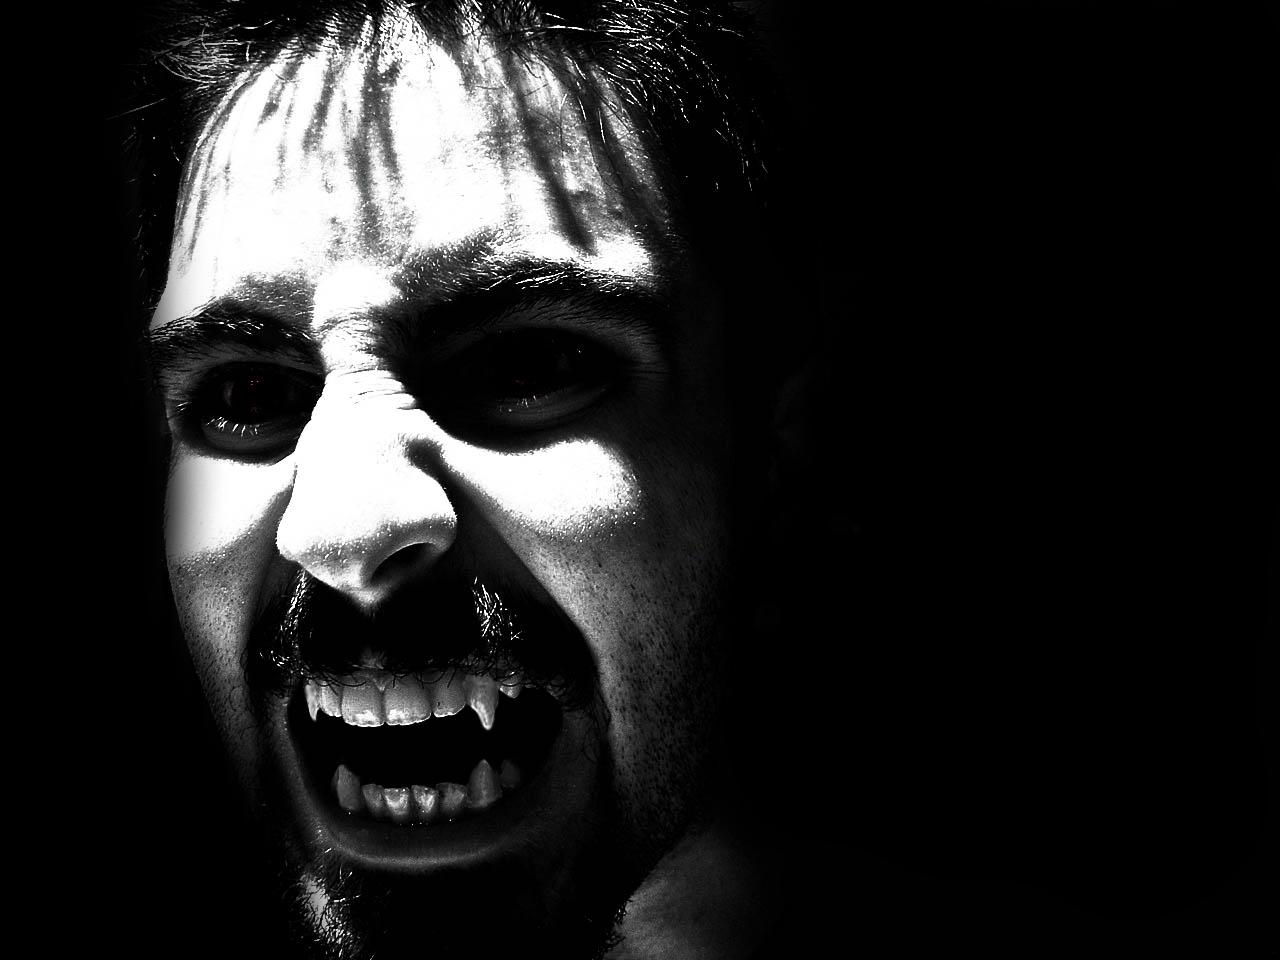 Fondos de vampiros Fondos_de_vampiros_02